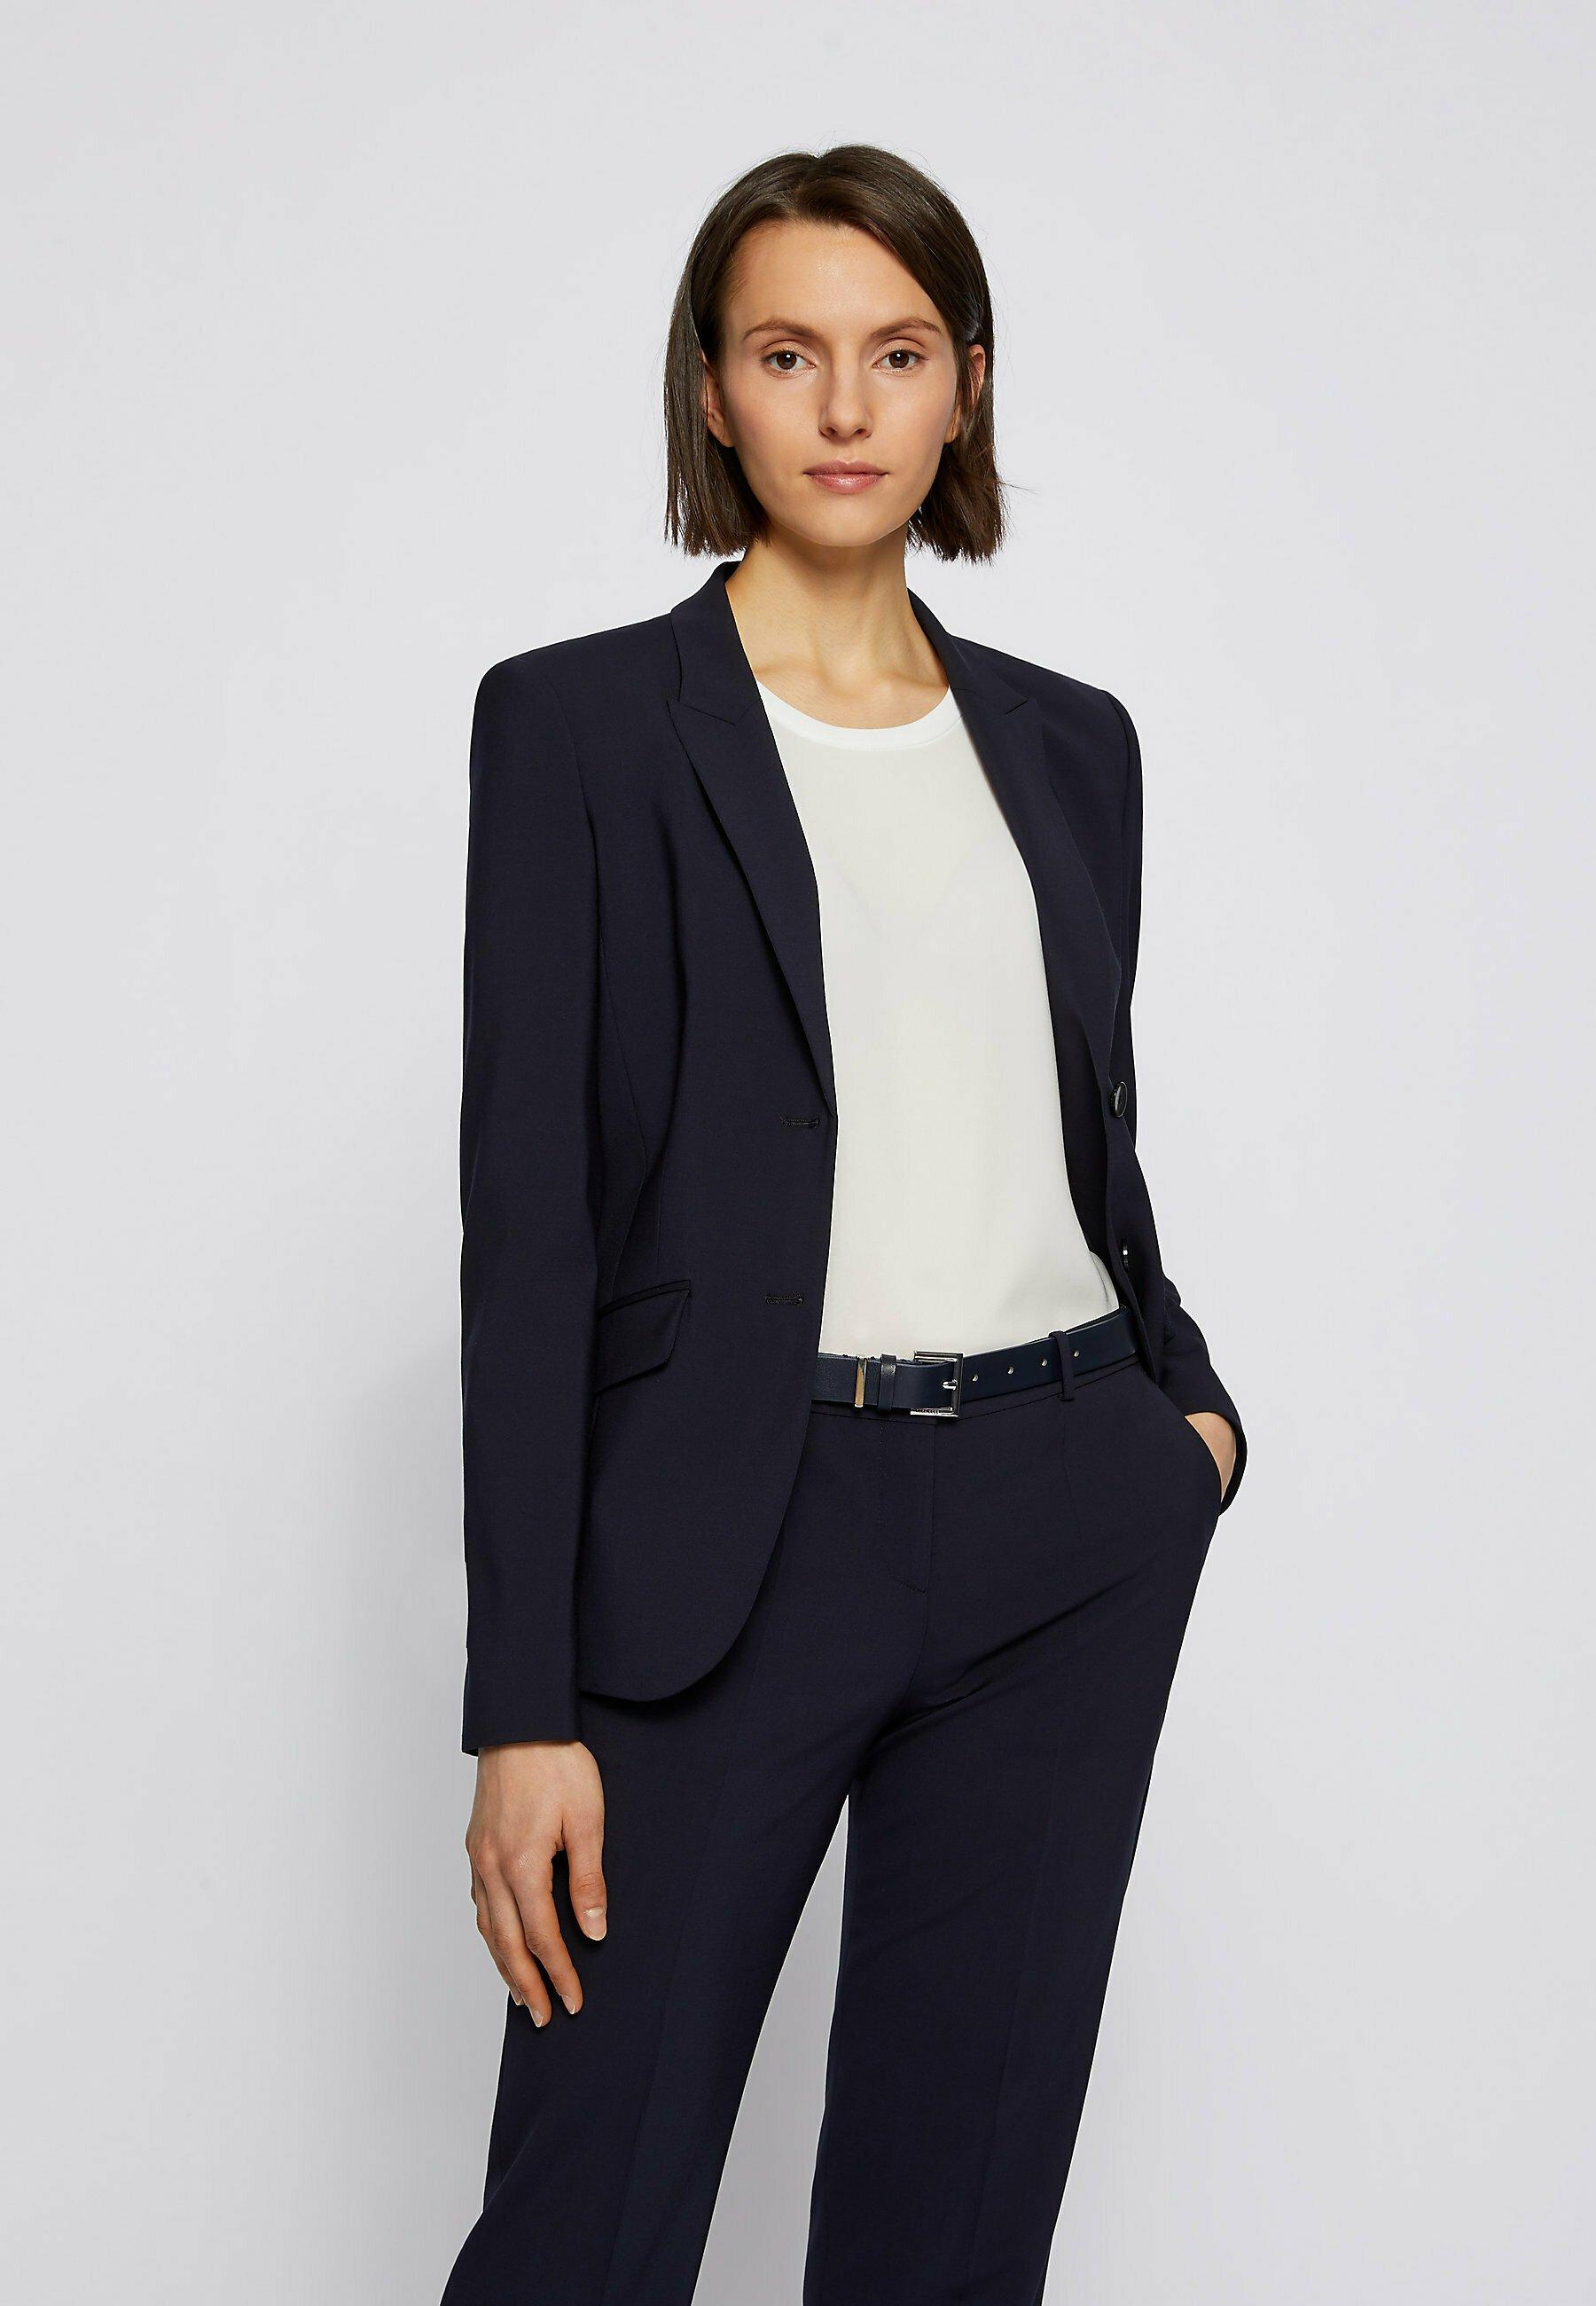 Women TAYLOR - Belt business